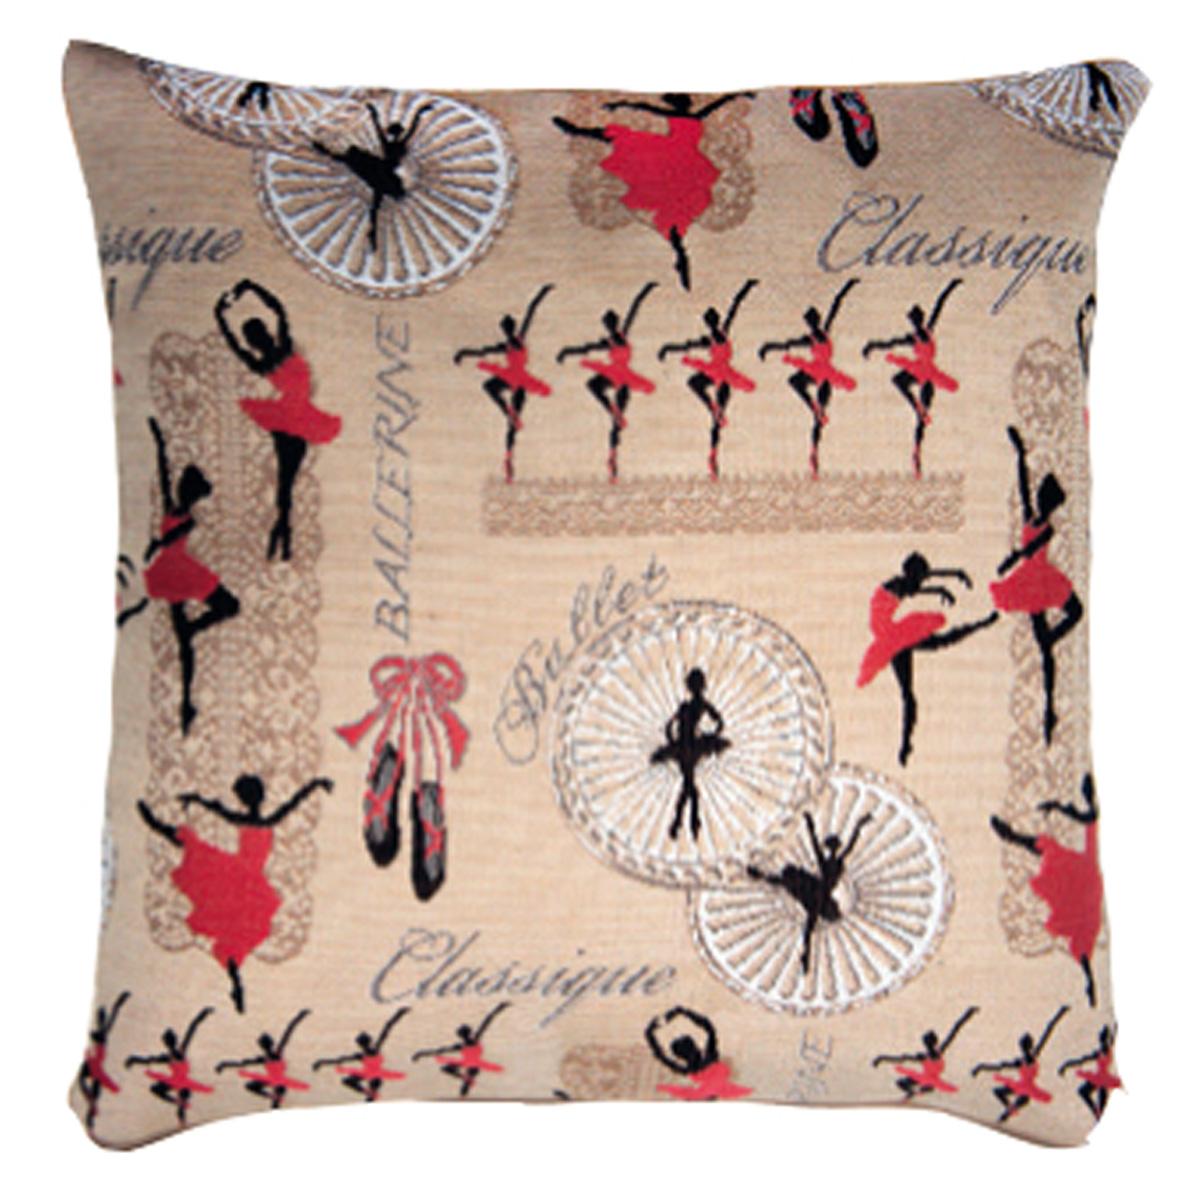 Coussin artisanal \'Royal Tapisserie\' beige rouge (Ballerines)  - 36x36 cm - [Q6352]